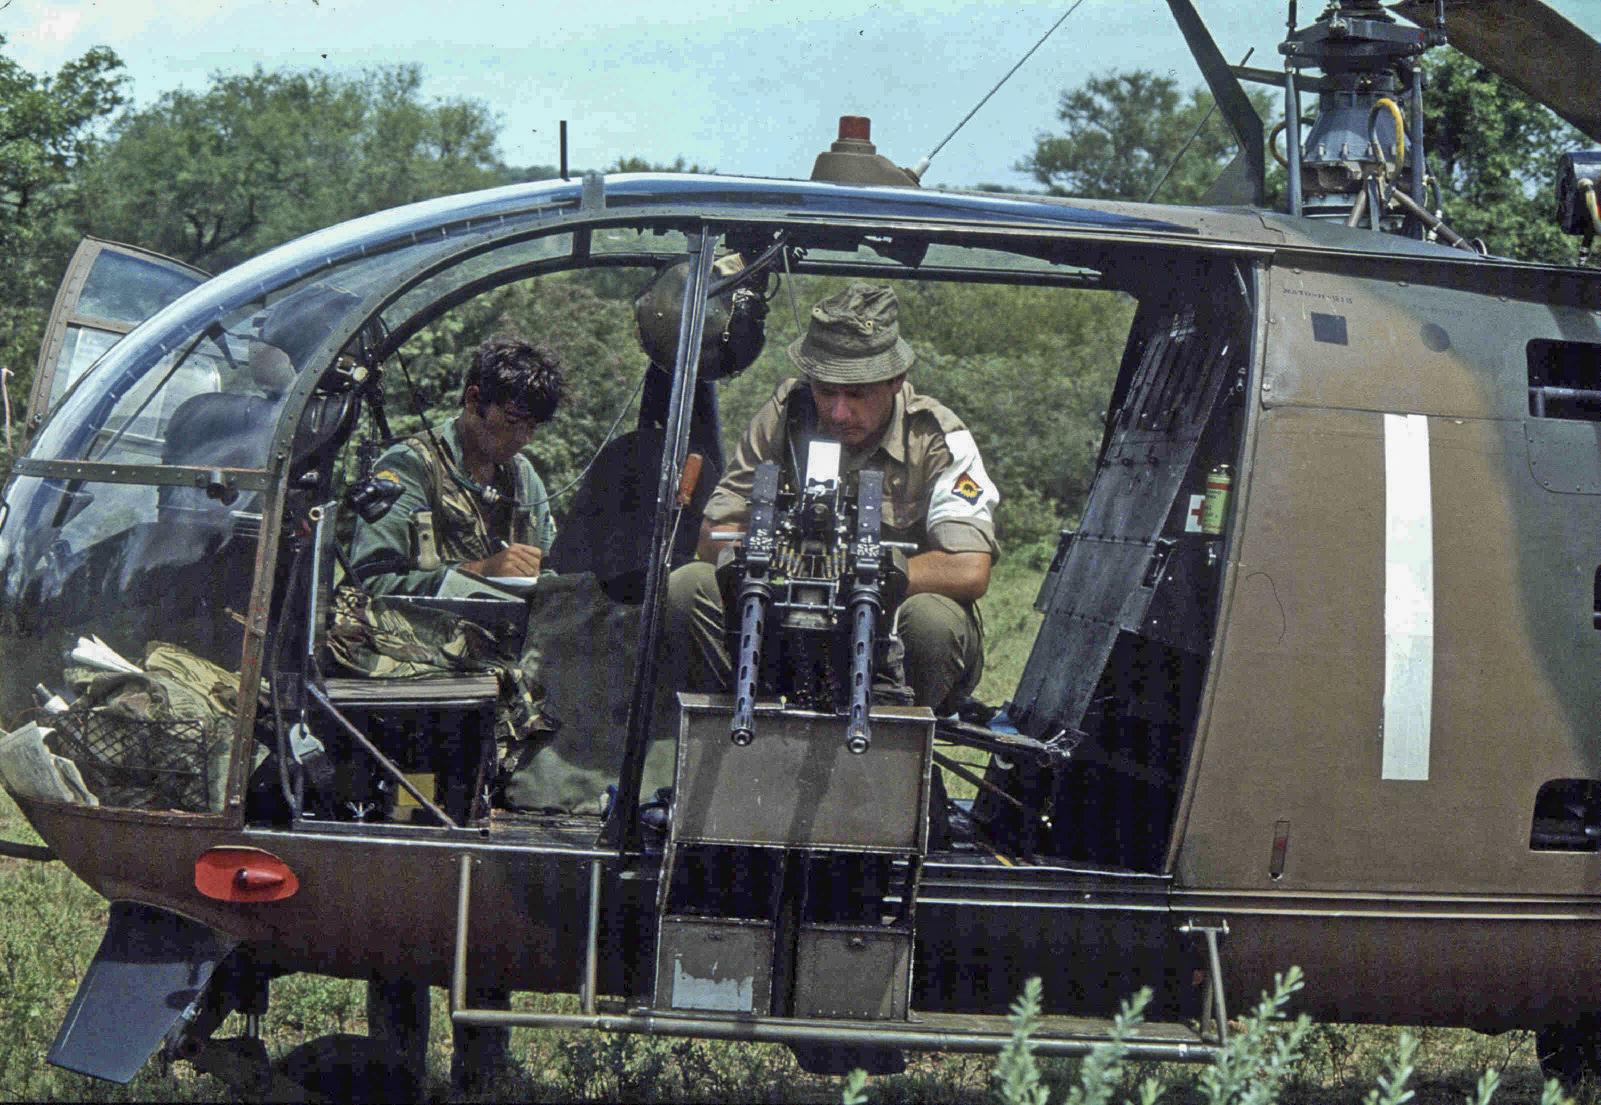 Alouette Gunship, Assembly Point Juliet, Zezani, Zimbabwe-Rhodesia 1980